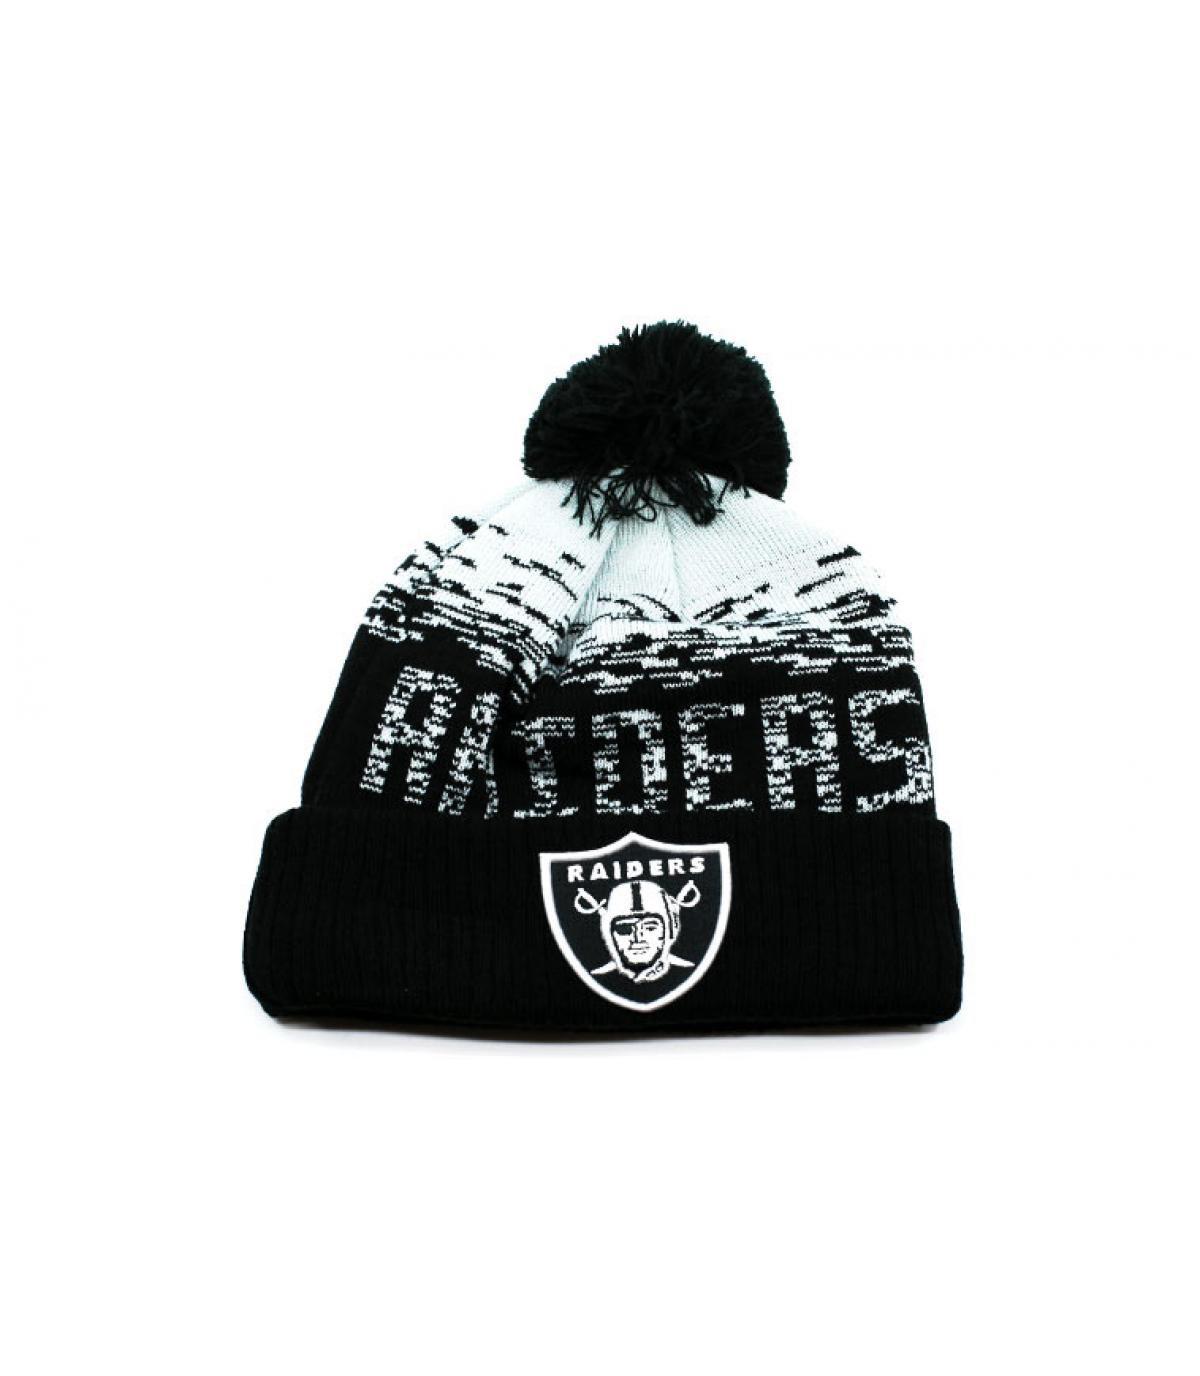 bonnet Raiders noir pompon